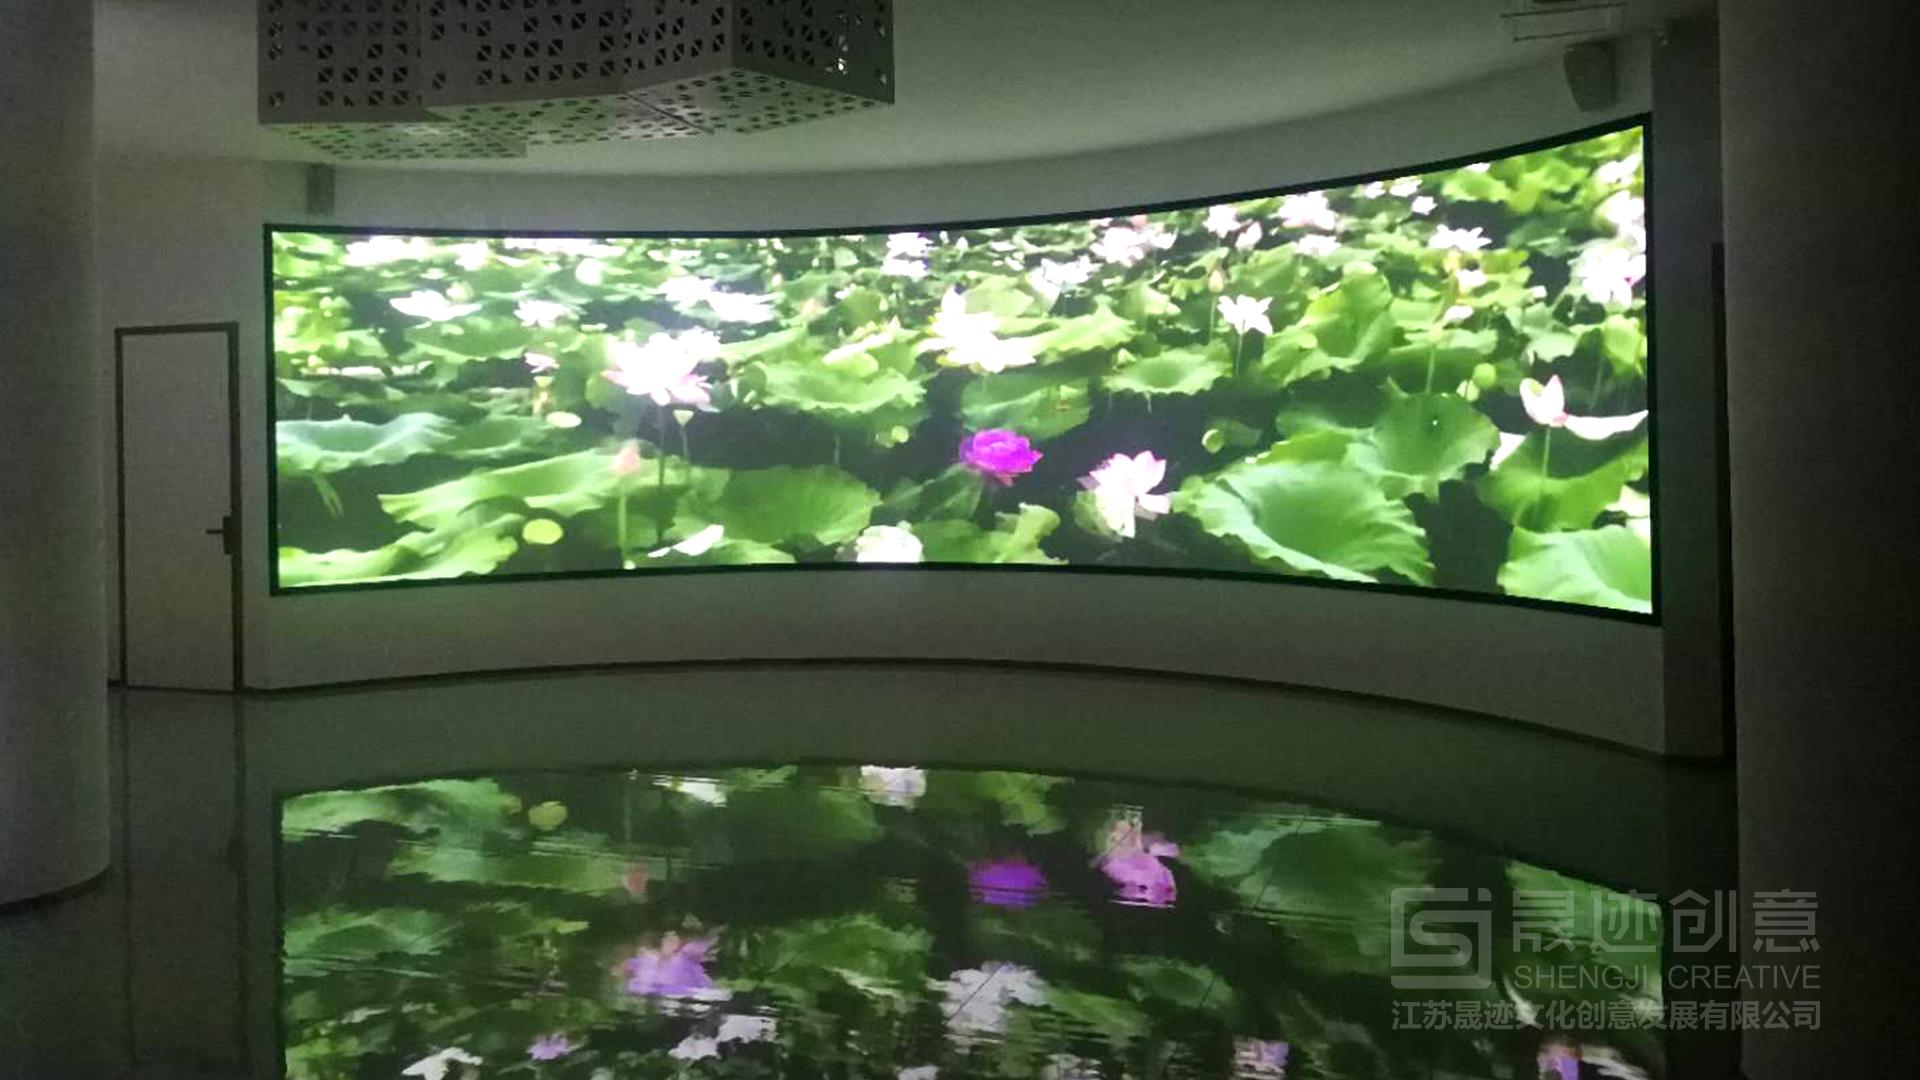 洪湖市风情街多媒体弧幕.jpg